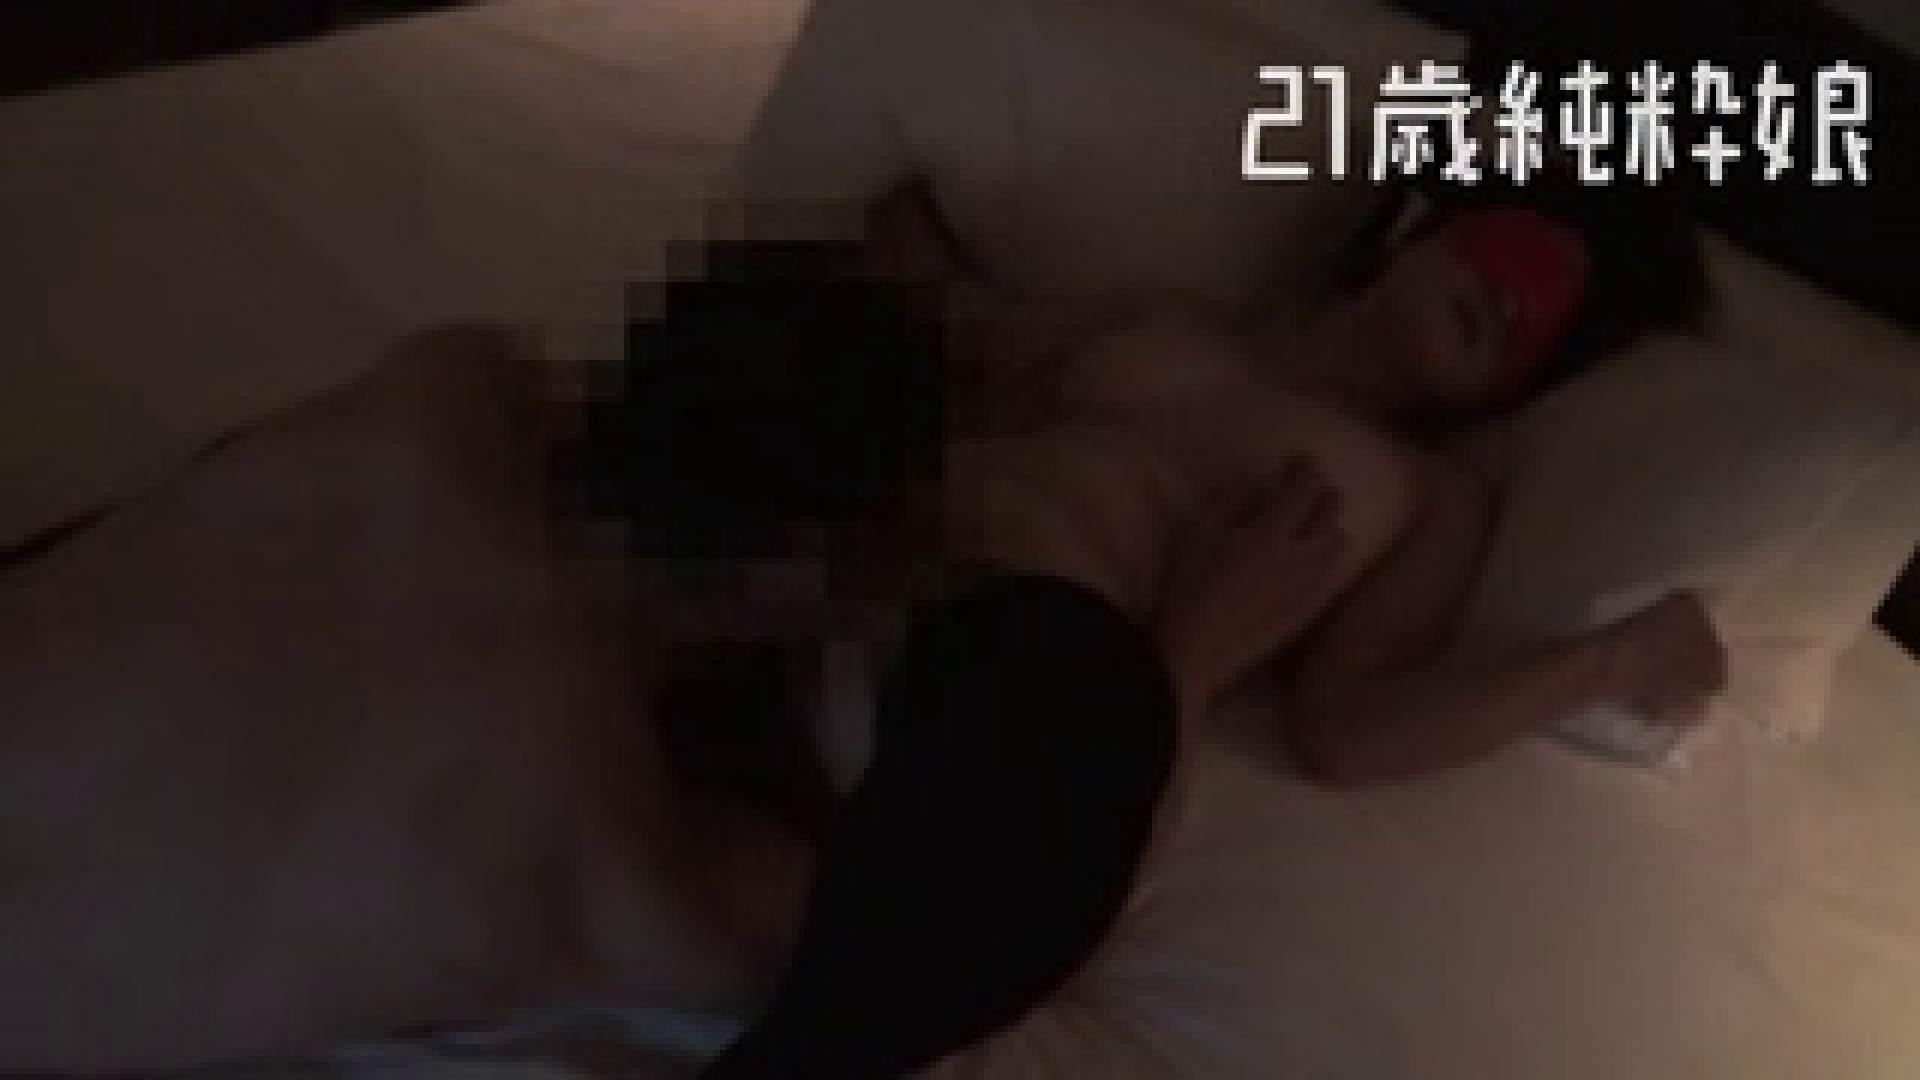 上京したばかりのGカップ21歳純粋嬢を都合の良い女にしてみた4 ホテル | ギャル達のおっぱい  96画像 84